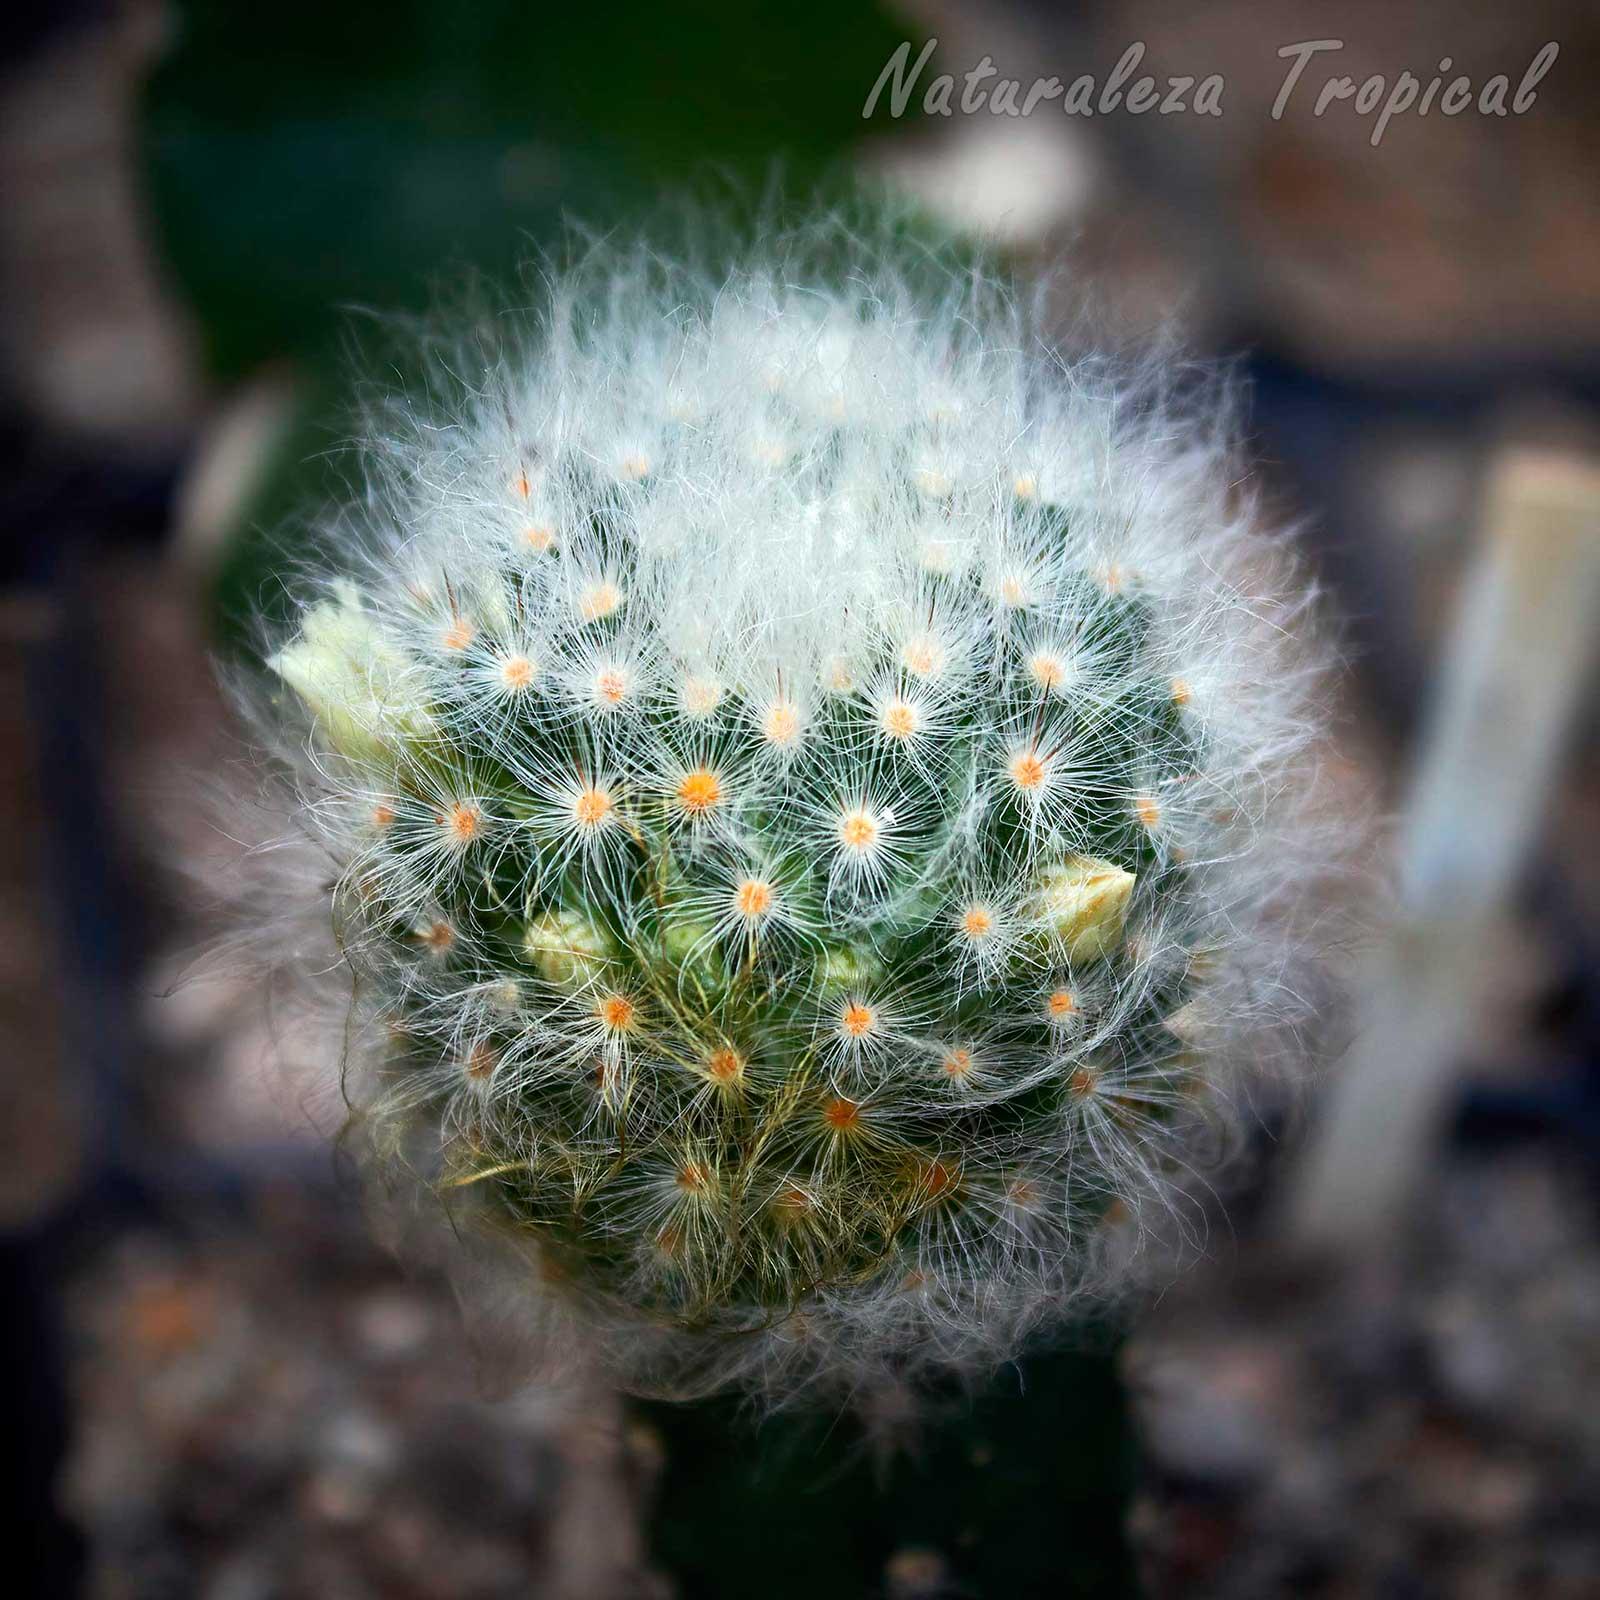 Fotografía del tallo del cactus Mammillaria albicoma con botones florales